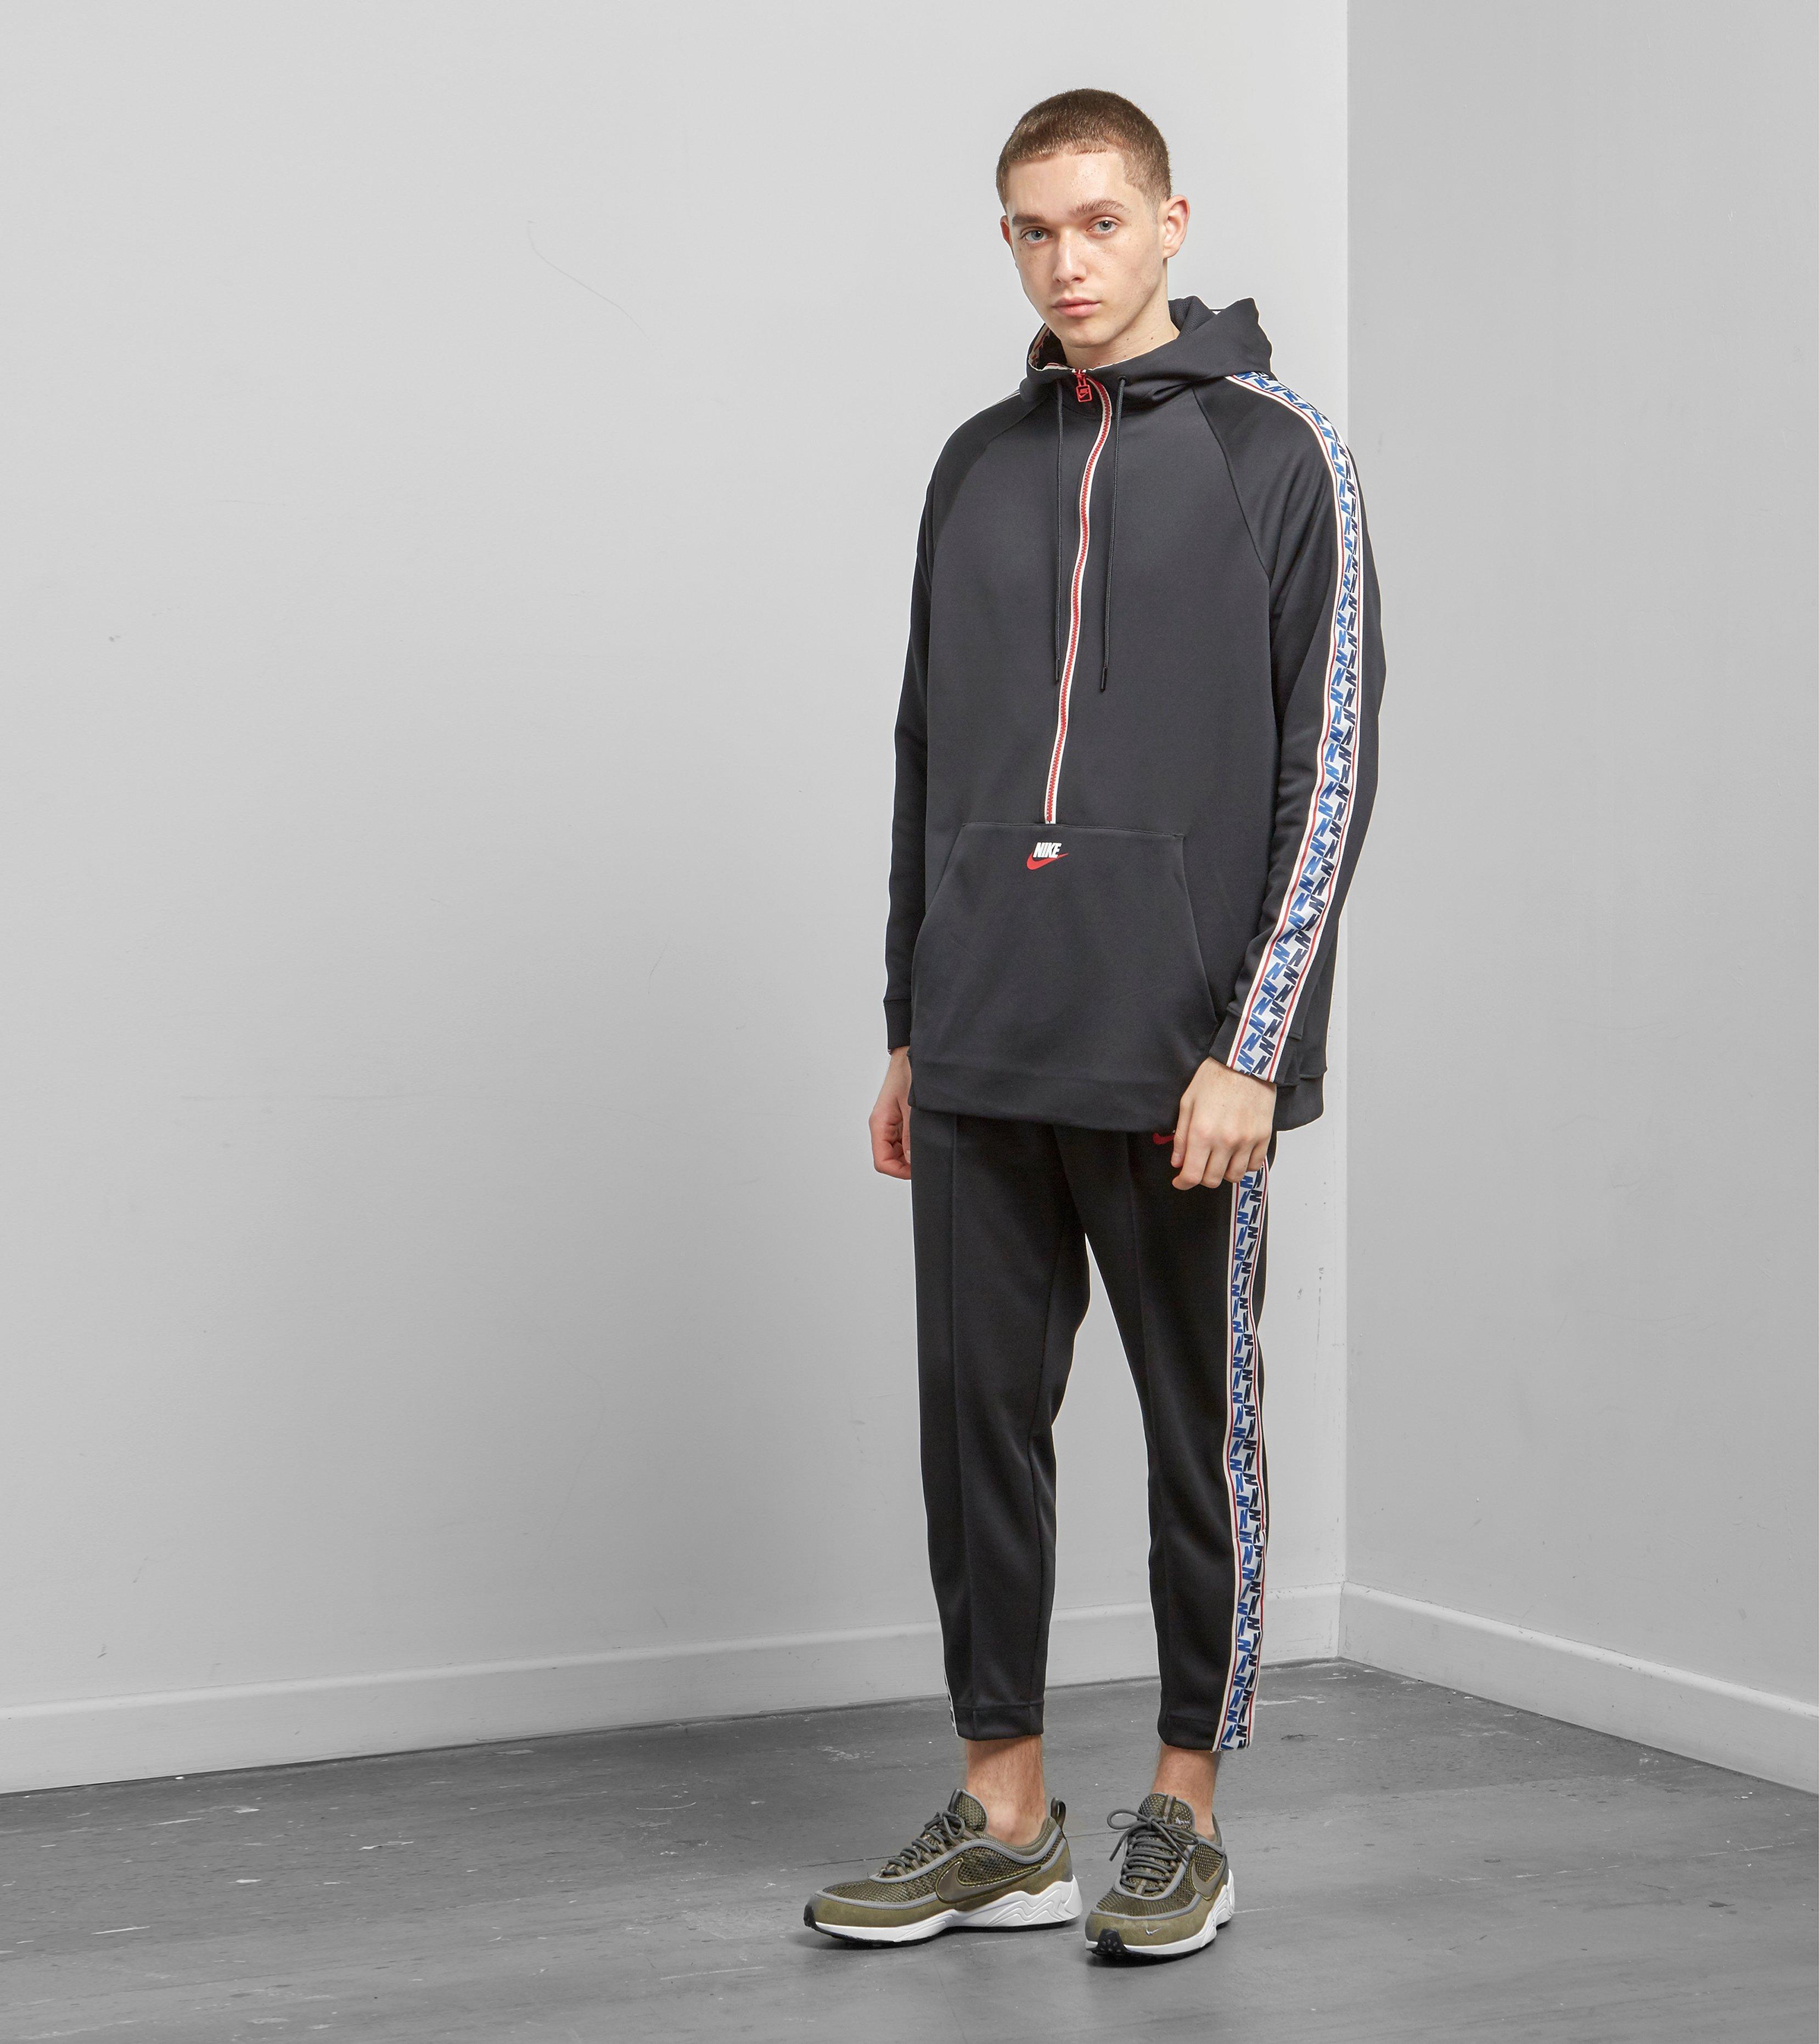 442885c684 Nike Half Zip Taped Poly Hoodie in Black for Men - Lyst